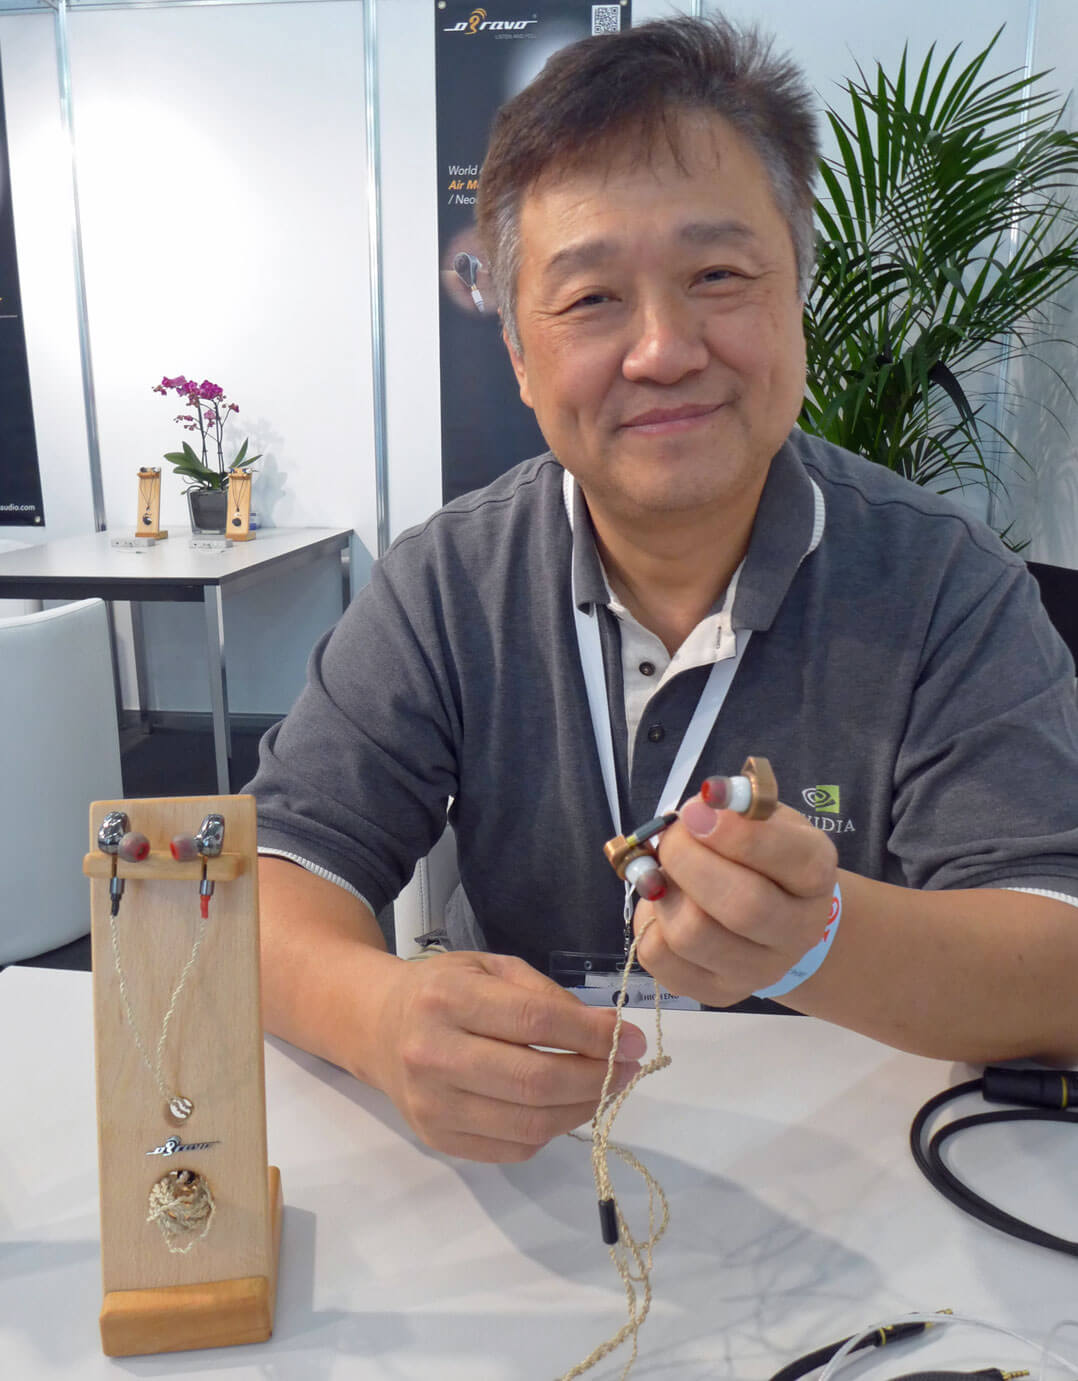 David Teng mit seinen neuesten Kreationen oBravo Ra und Cupid